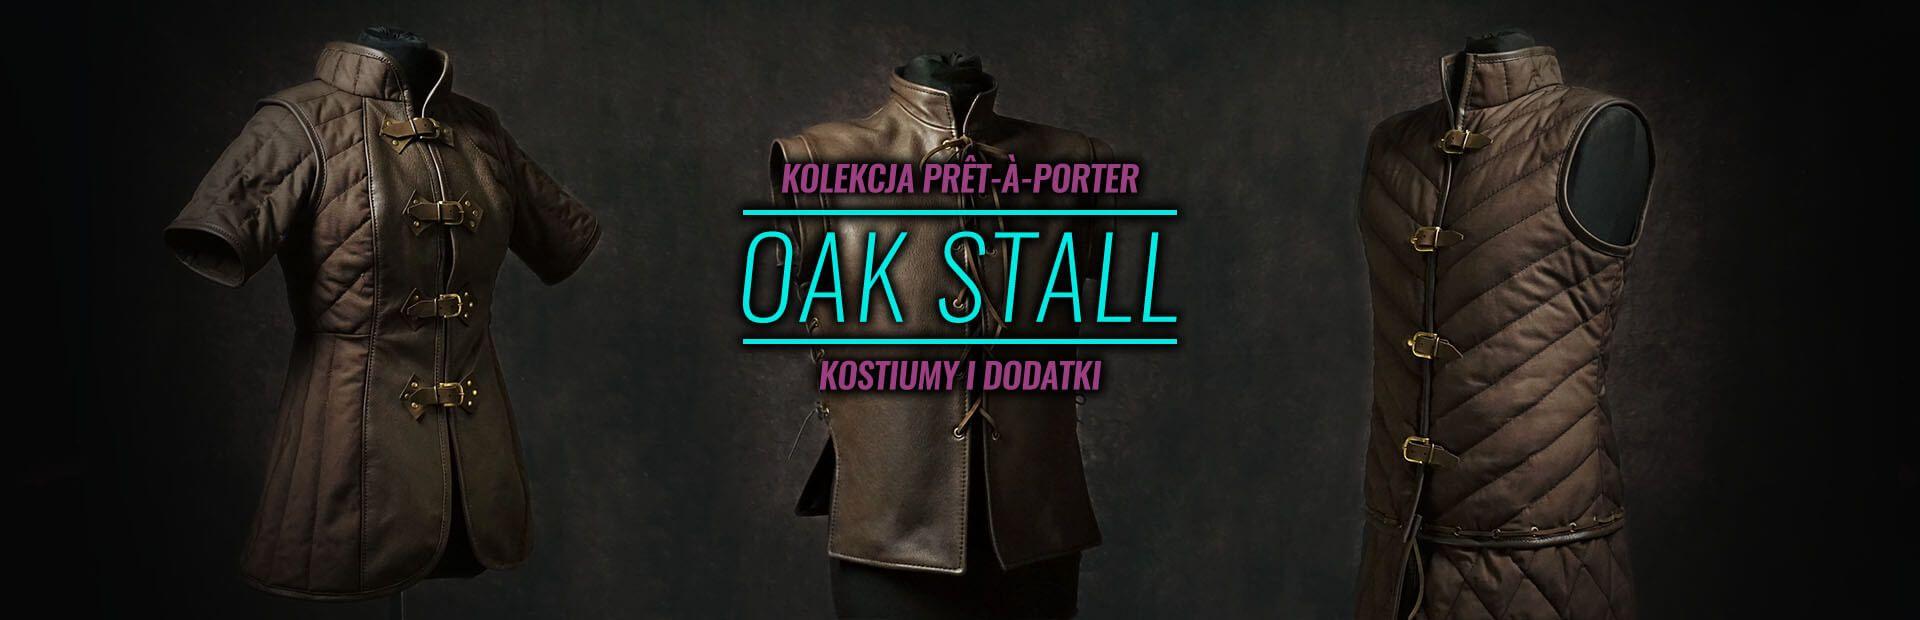 Kolekcja Oak Stall